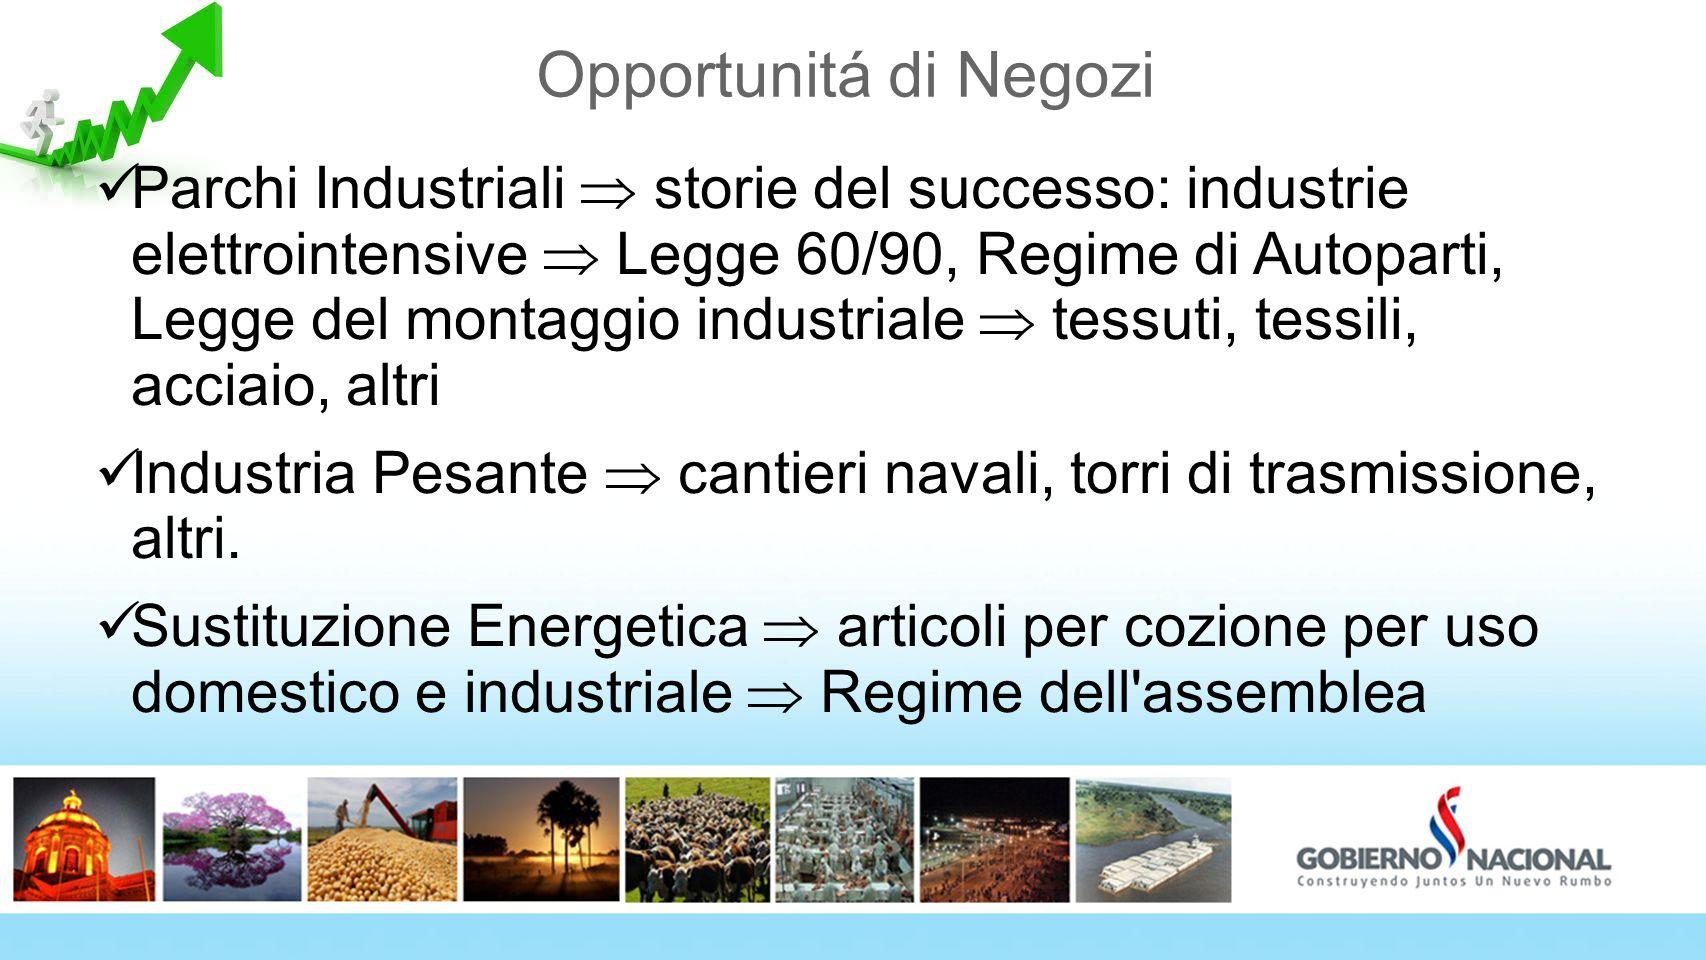 1818 Opportunitá di Negozi.